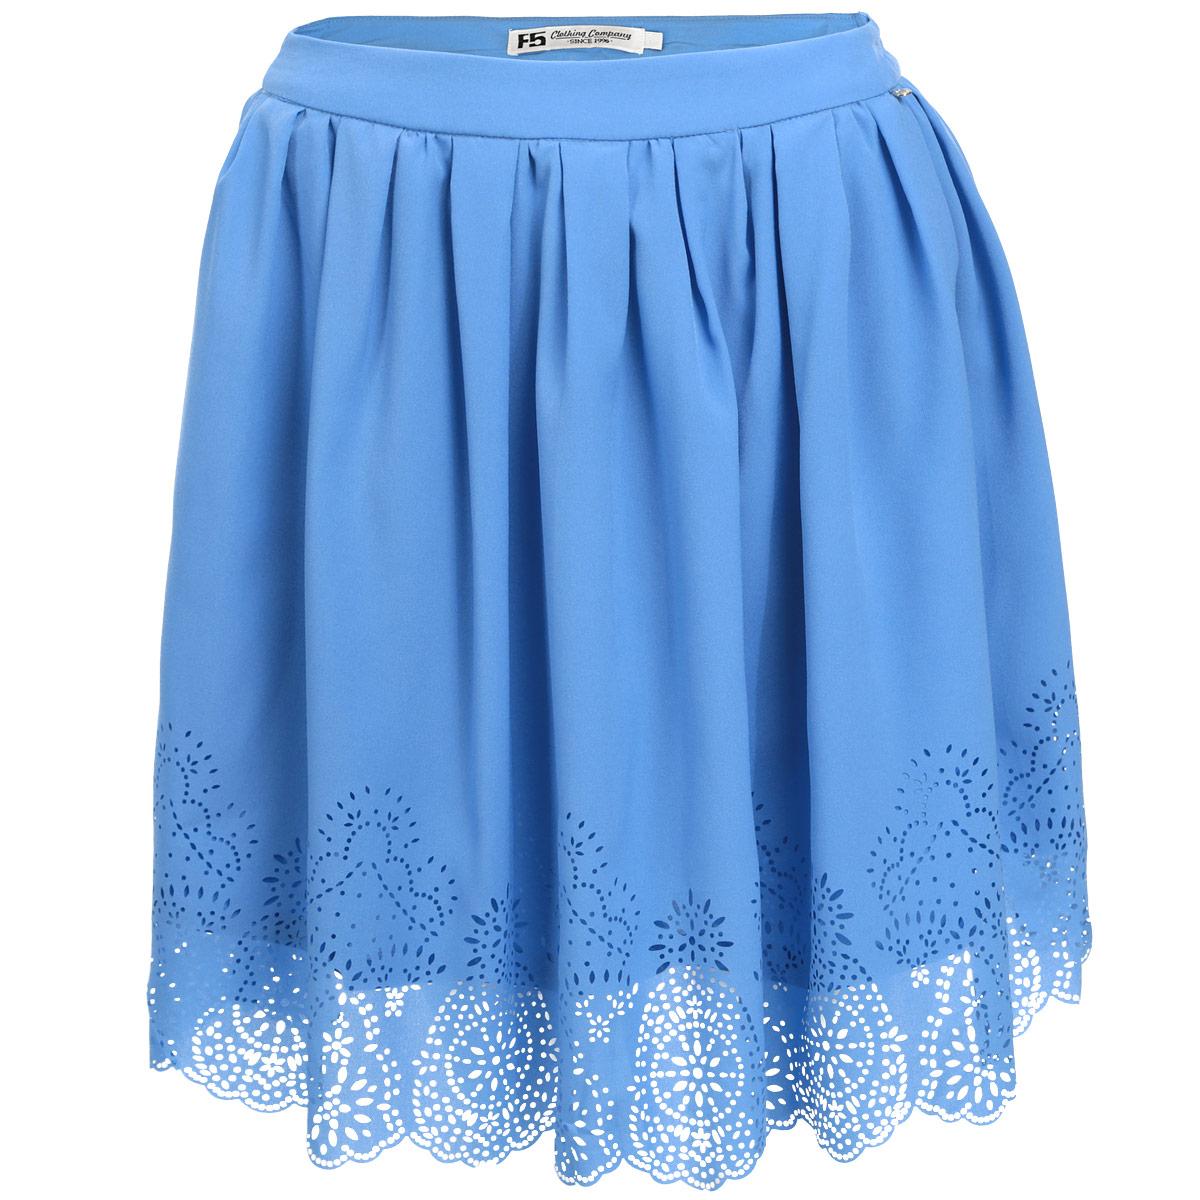 Юбка13274Очаровательная юбка от F5 добавит женственные нотки в ваш модный образ. Модель выполнена из полиэстера с небольшим добавлением эластана. Юбка застегивается на потайную застежку-молнию, расположенную в боковом шве. Подкладка обеспечивает максимальный комфорт. Изящная модель с посадкой на талии подчеркнет красоту и стройность ваших ног, сделает ваш образ более хрупким. Нижний край изделия оформлен декоративной перфорацией. Стильная юбка - основа гардероба настоящей леди. Она подчеркнет ваше отменное чувство стиля и безупречный вкус!